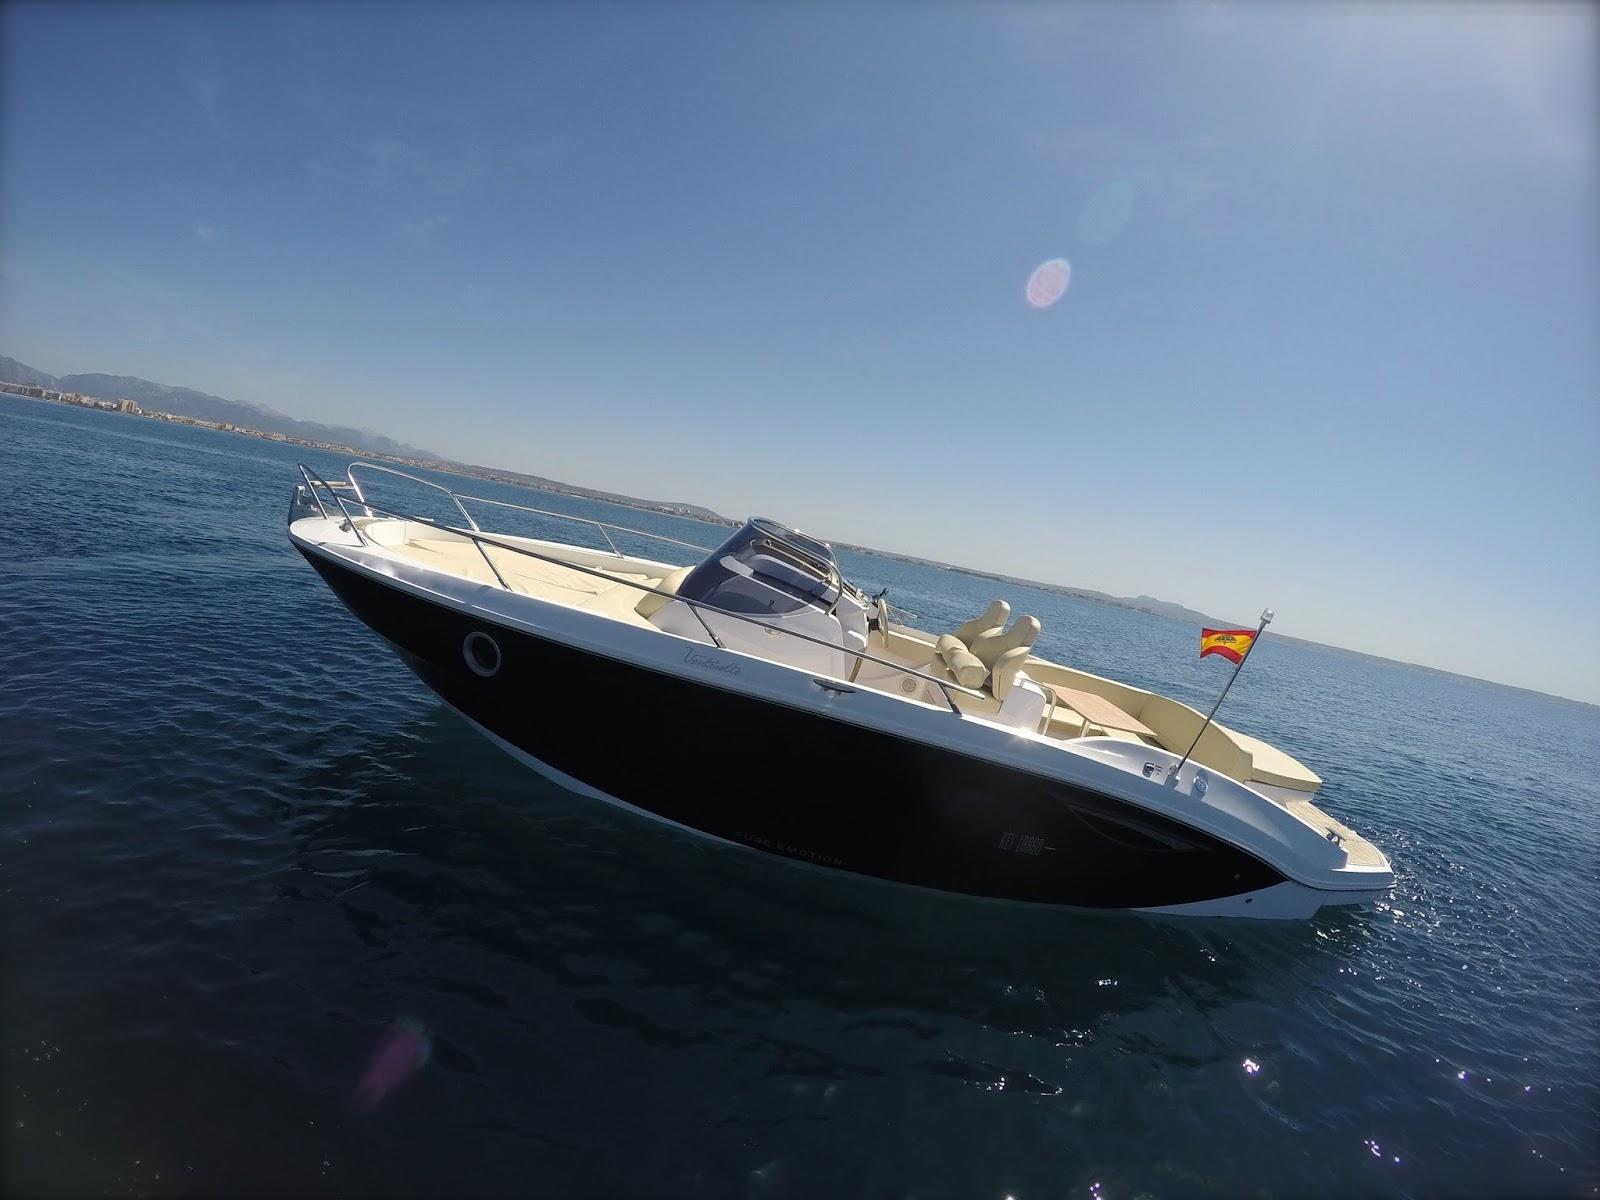 alquiler de barcos en ibiza. alquiler barckos ibiza. alquiler de barcos en ibiza. alquiler barcos ibiza. alquilar yates en ibiza. barcos de alquiler en ibiza